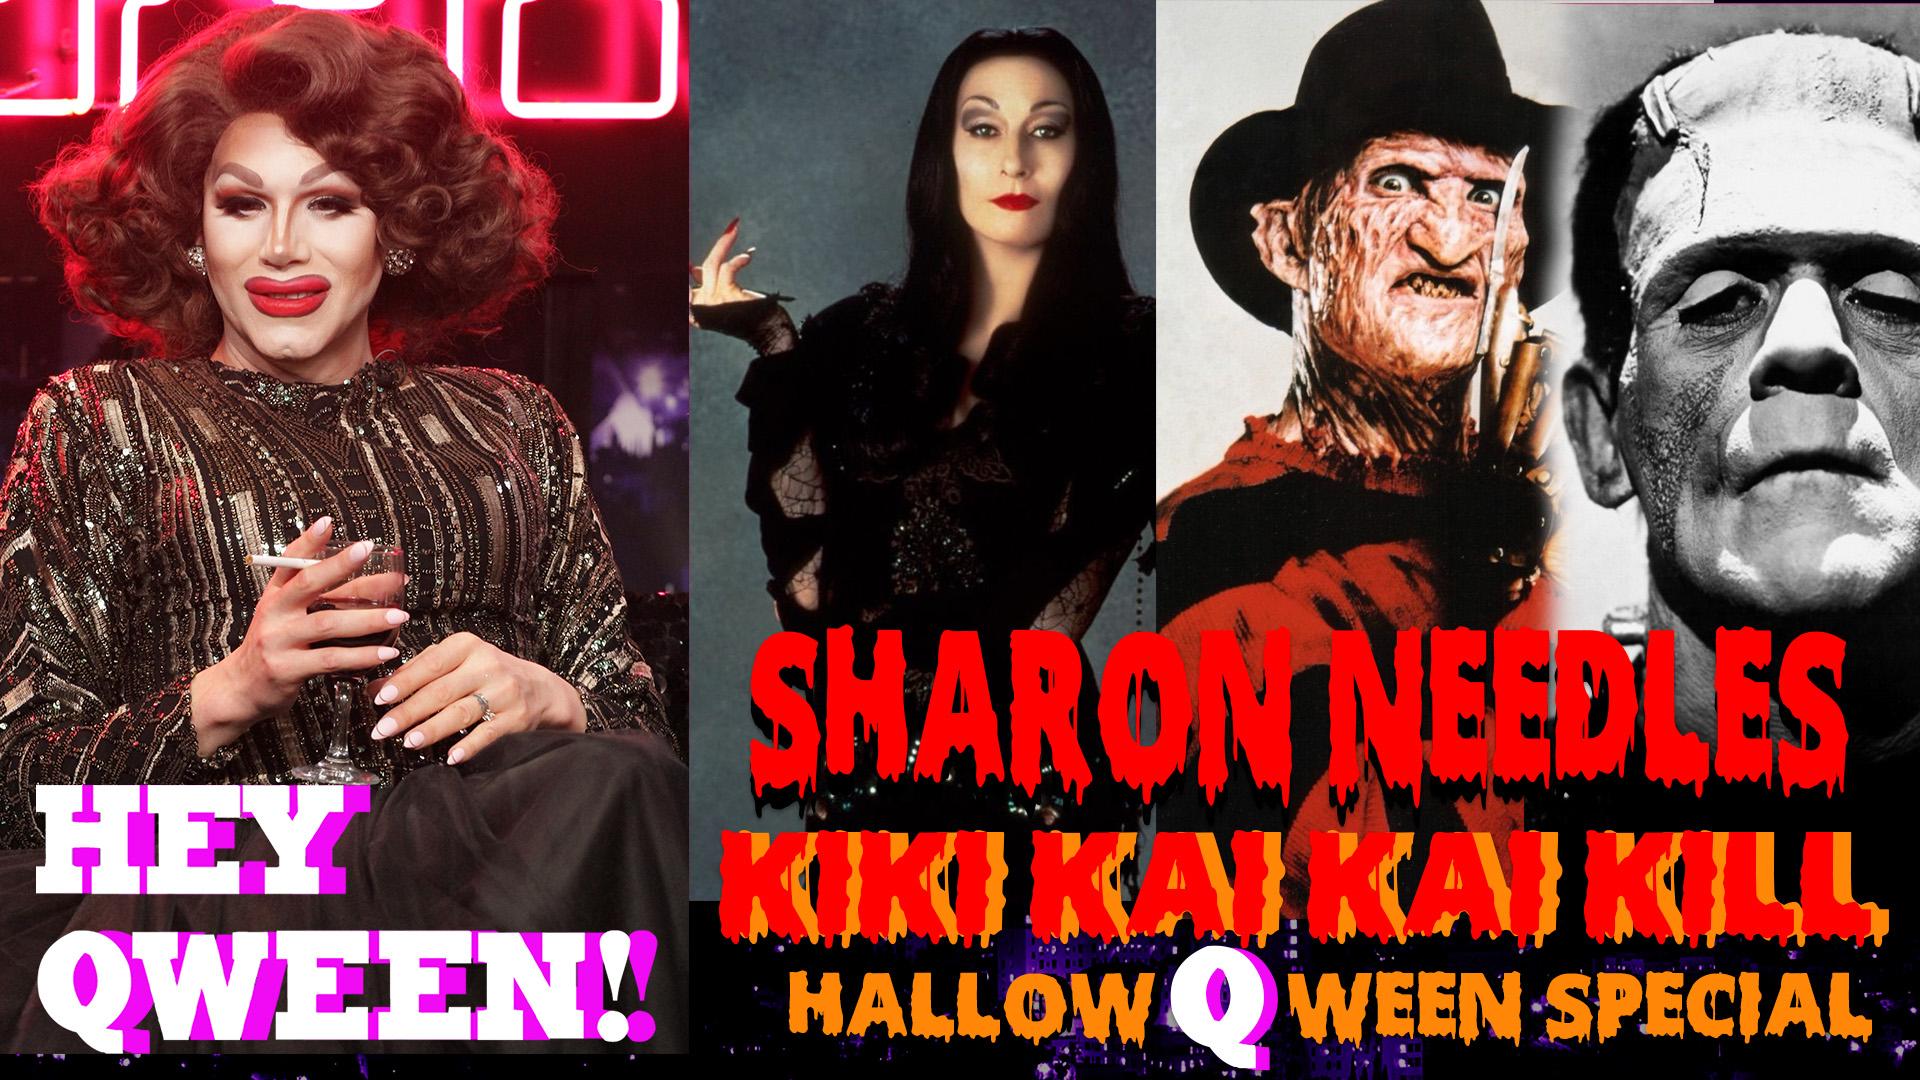 Sharon Needles Plays Kiki Kai Kai Kill ( Extended Version)